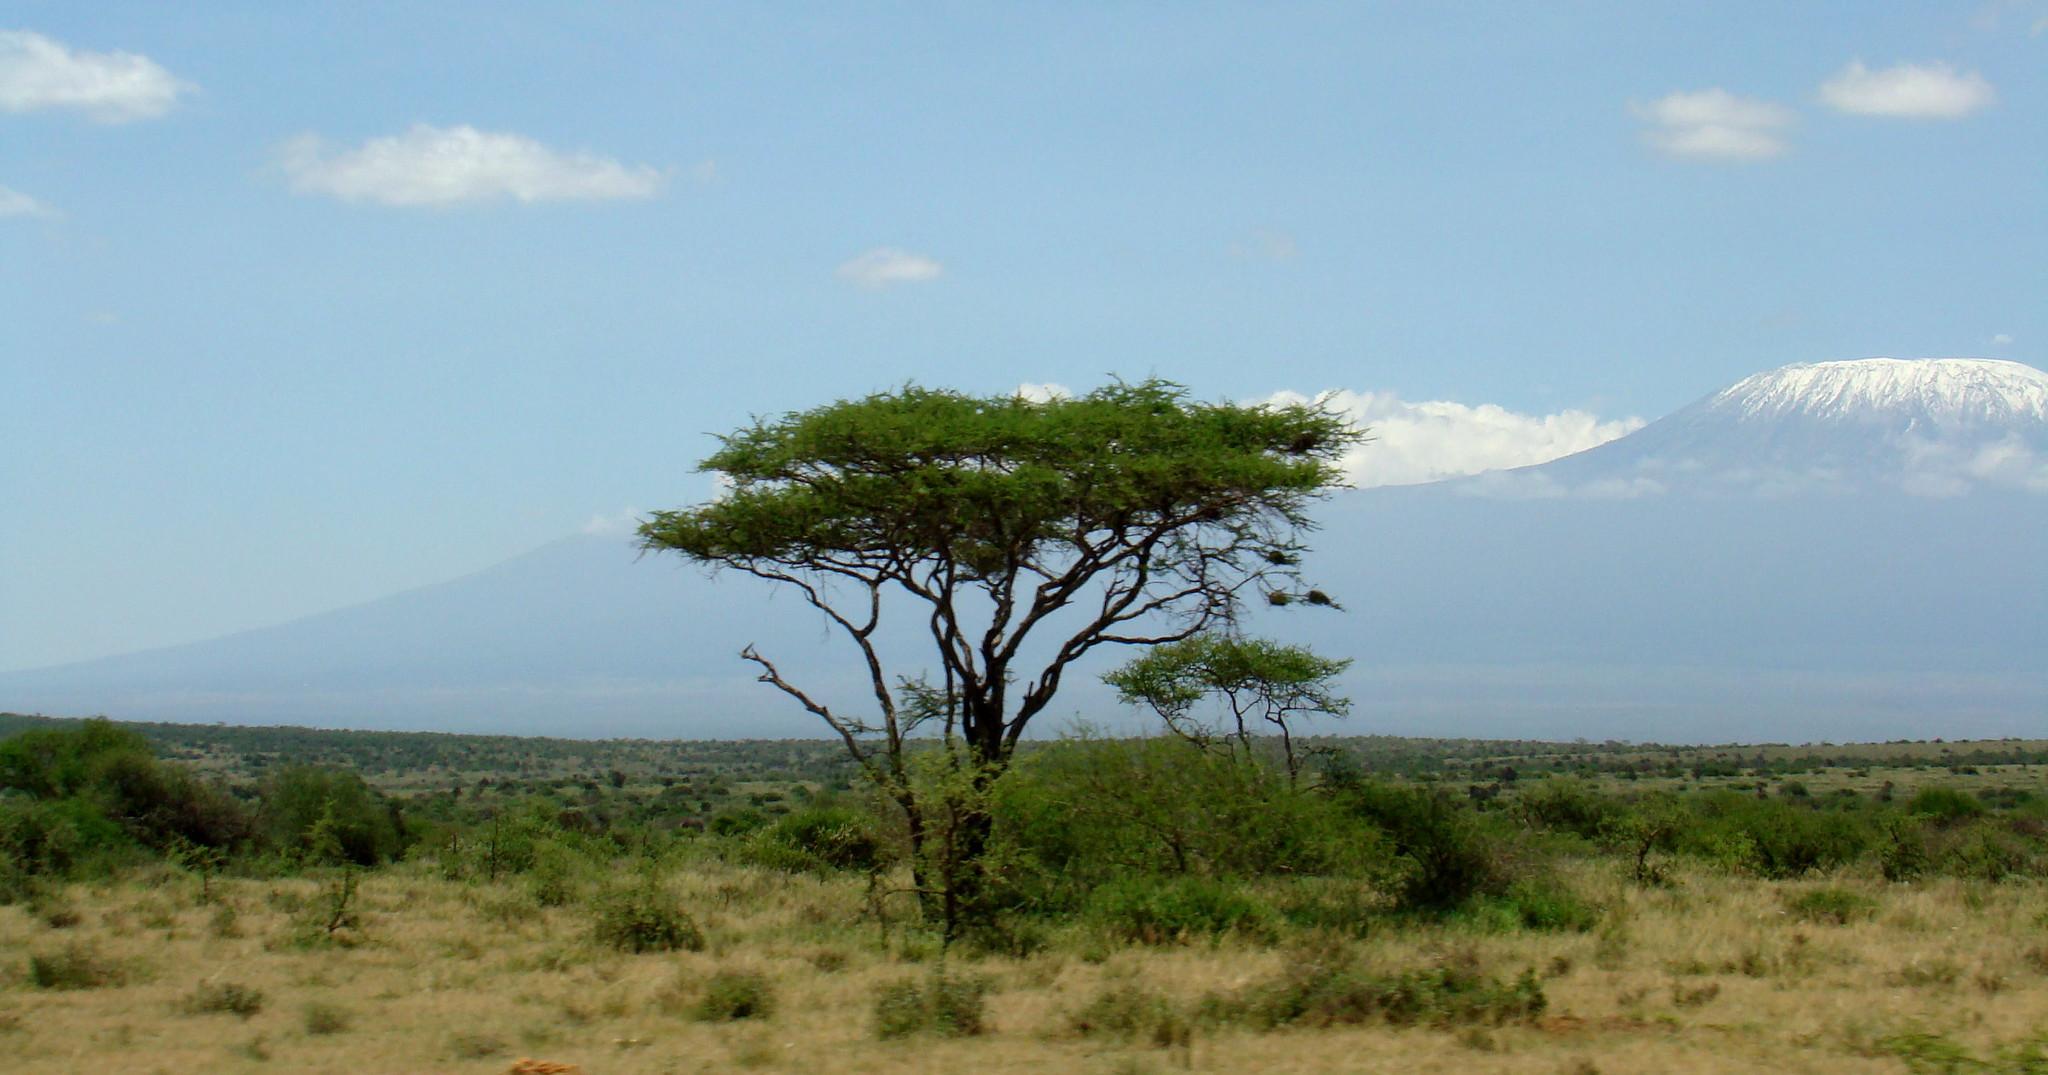 Monte Kilimanjaro Kenia Africa 02